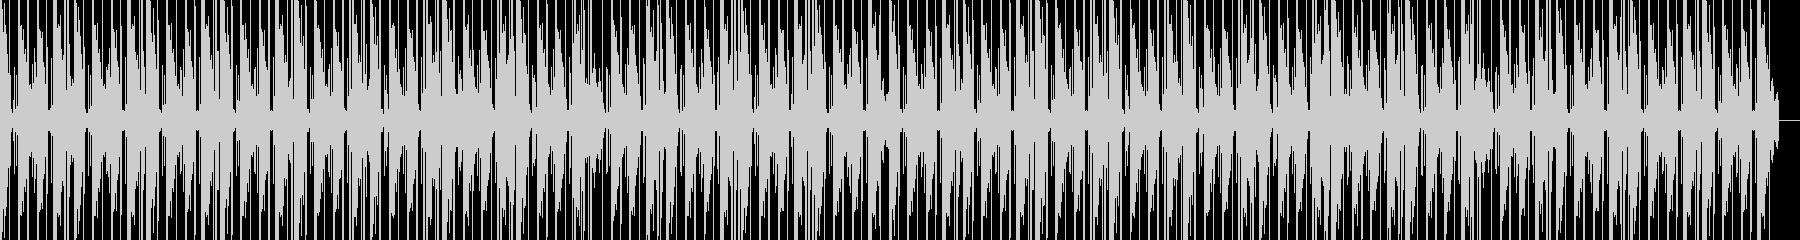 ピアノの音色が印象的なヒップホップの未再生の波形